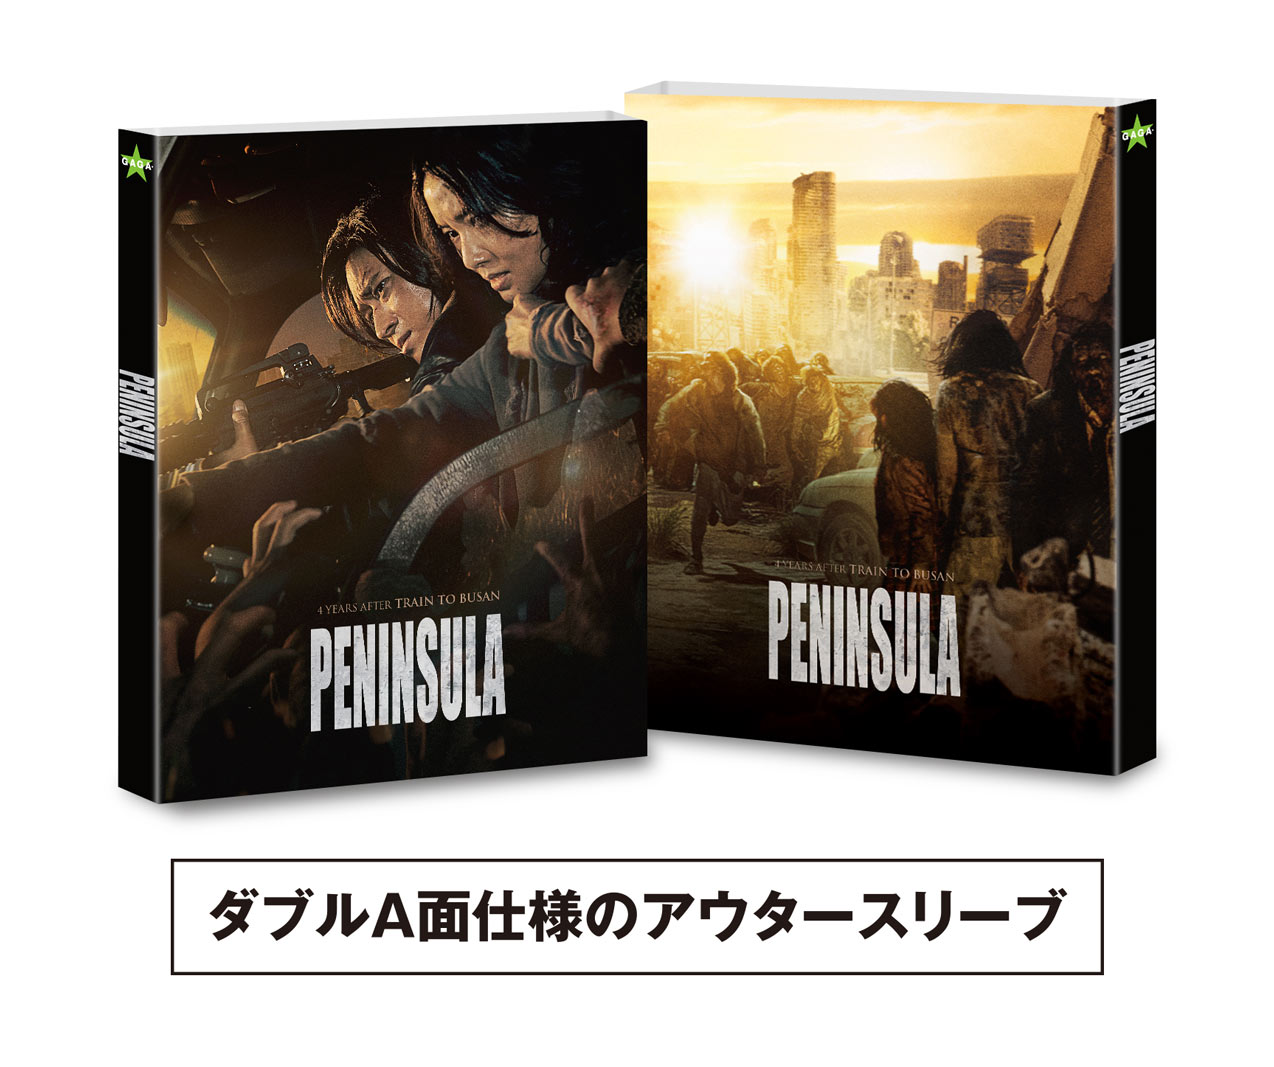 「新感染半島 ファイナル・ステージ」Blu-ray GAGA★ONLINE STORE限定アウタースリーブ&プレス付き